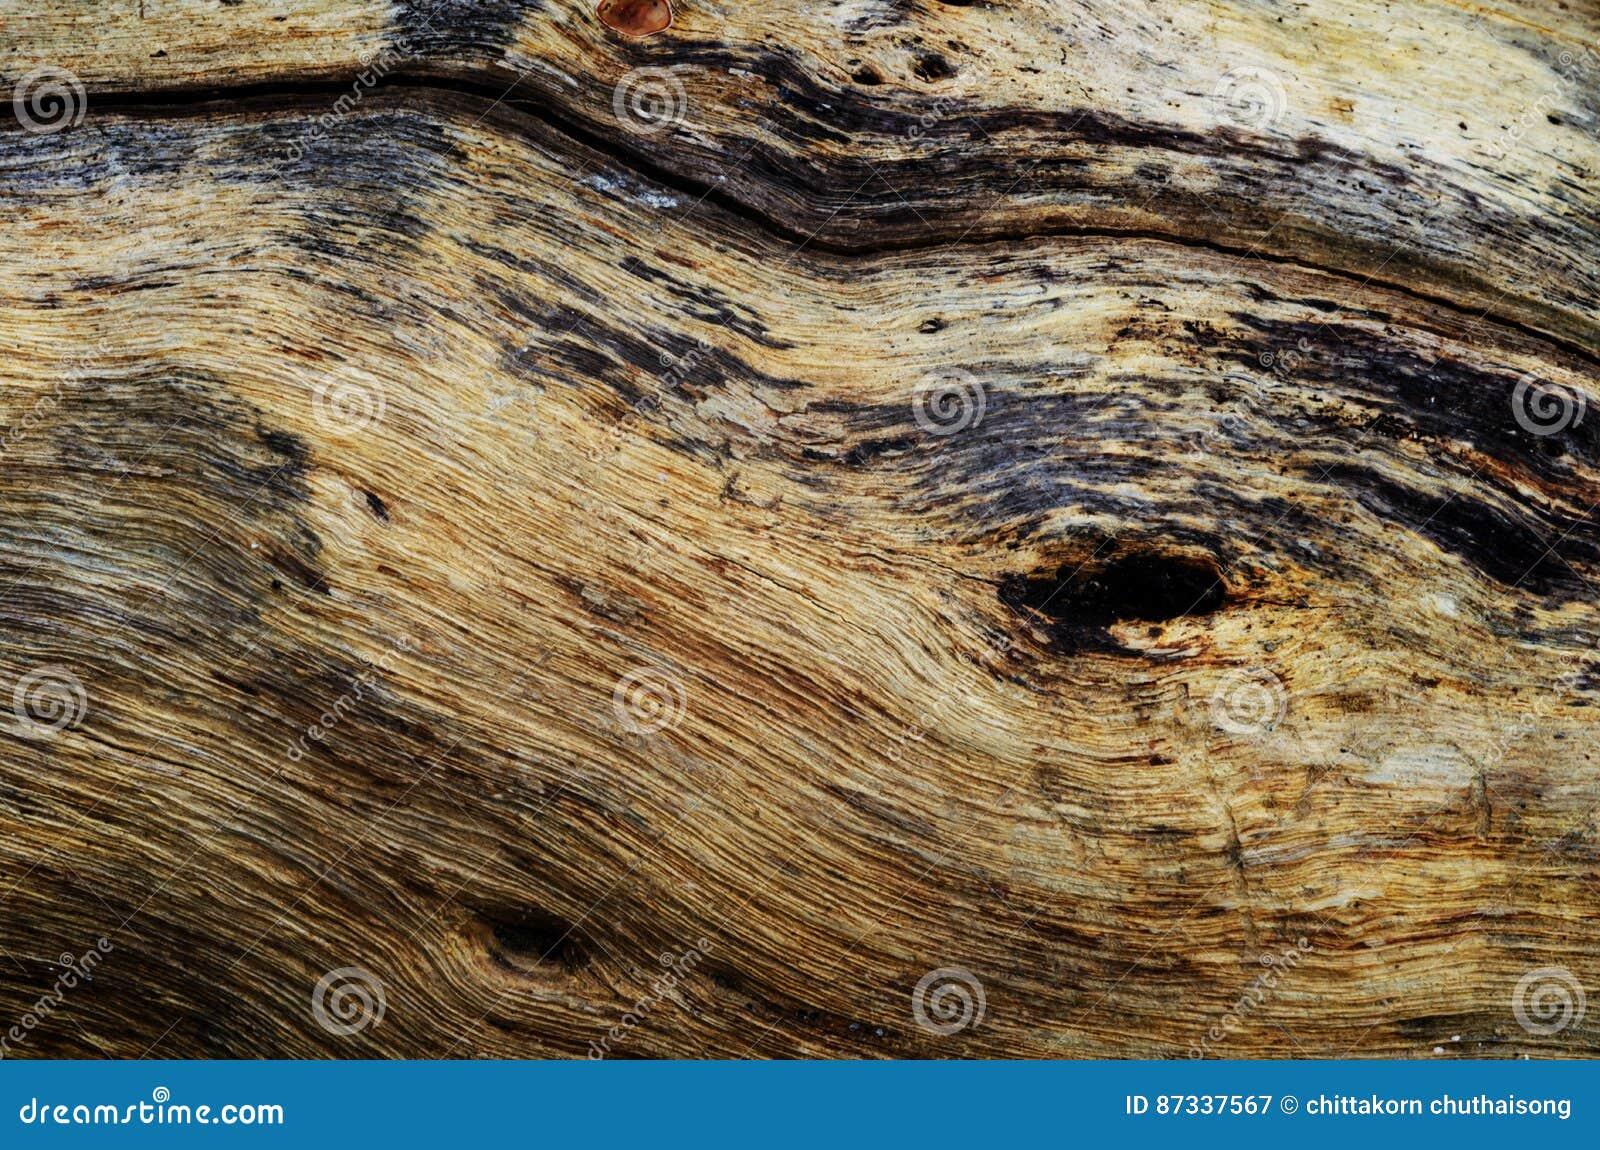 древесина текстуры теней предпосылки коричневая коричневая деревянная текстура с естественной скороговоркой